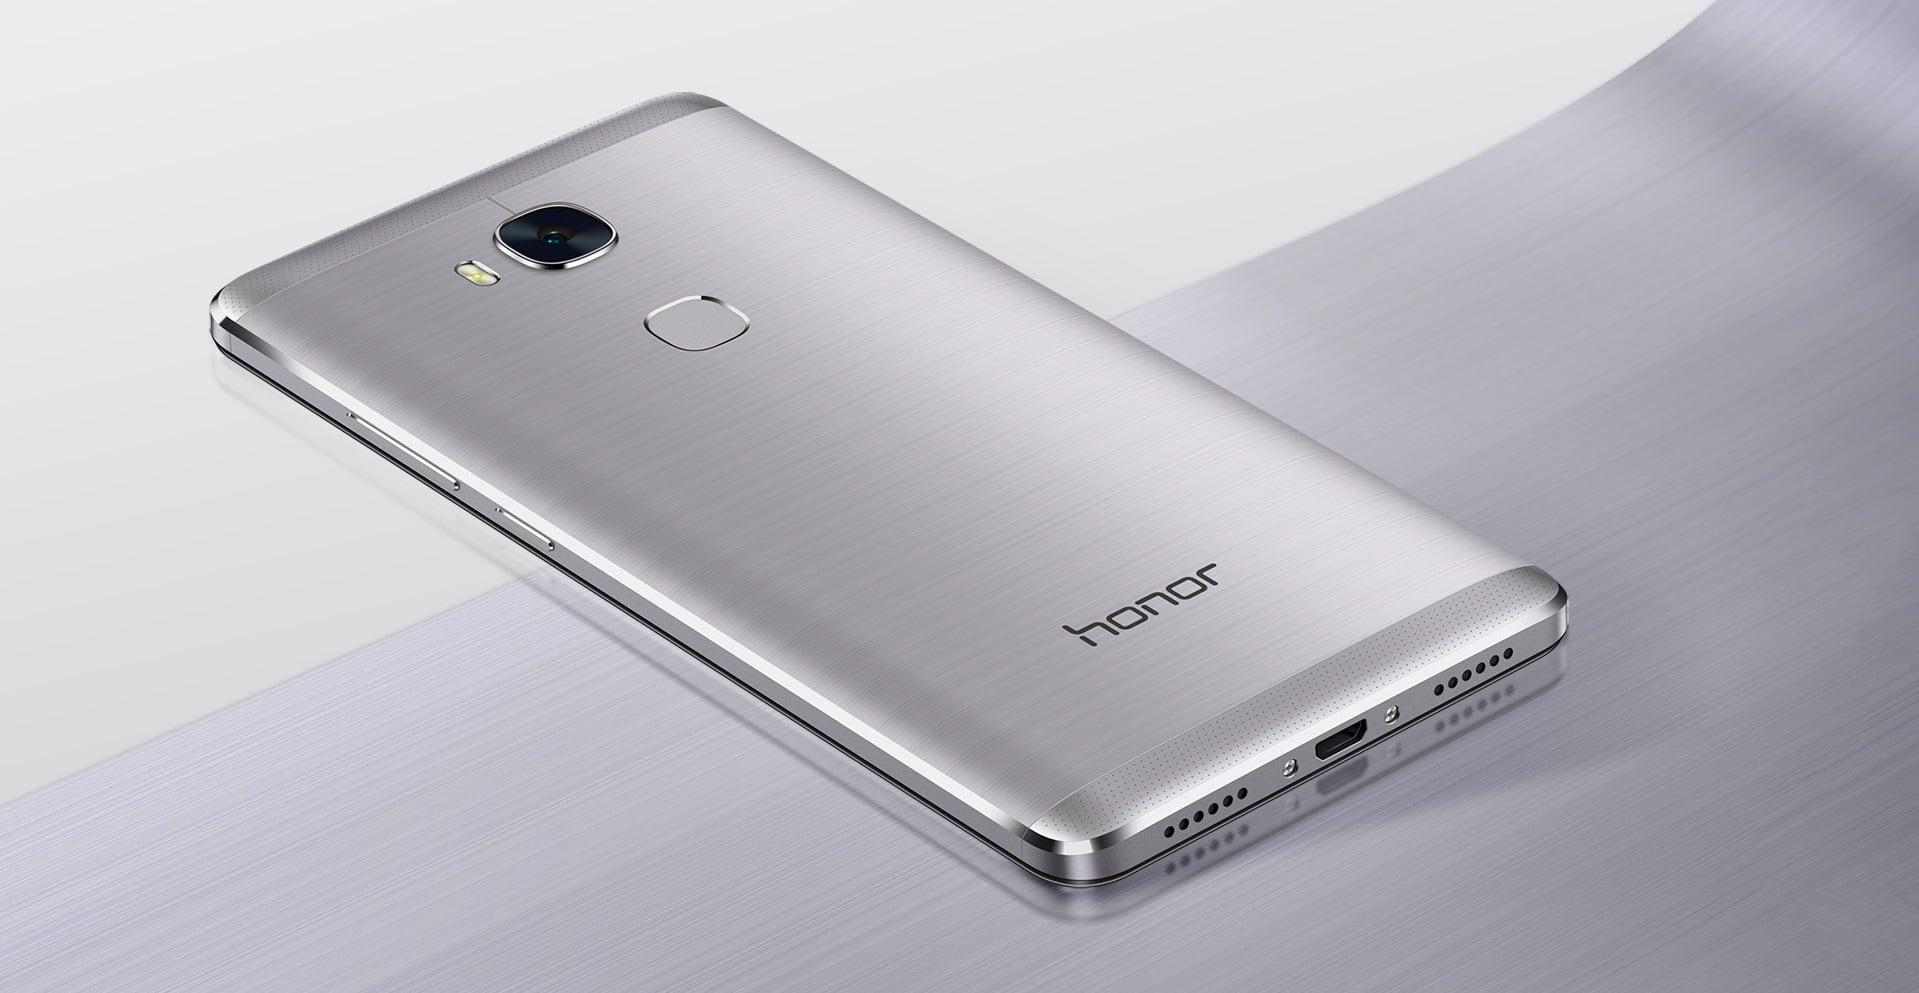 Honor 5X wkrótce otrzyma aktualizację do Androida Marshmallow. Niestety, najpierw w USA 18